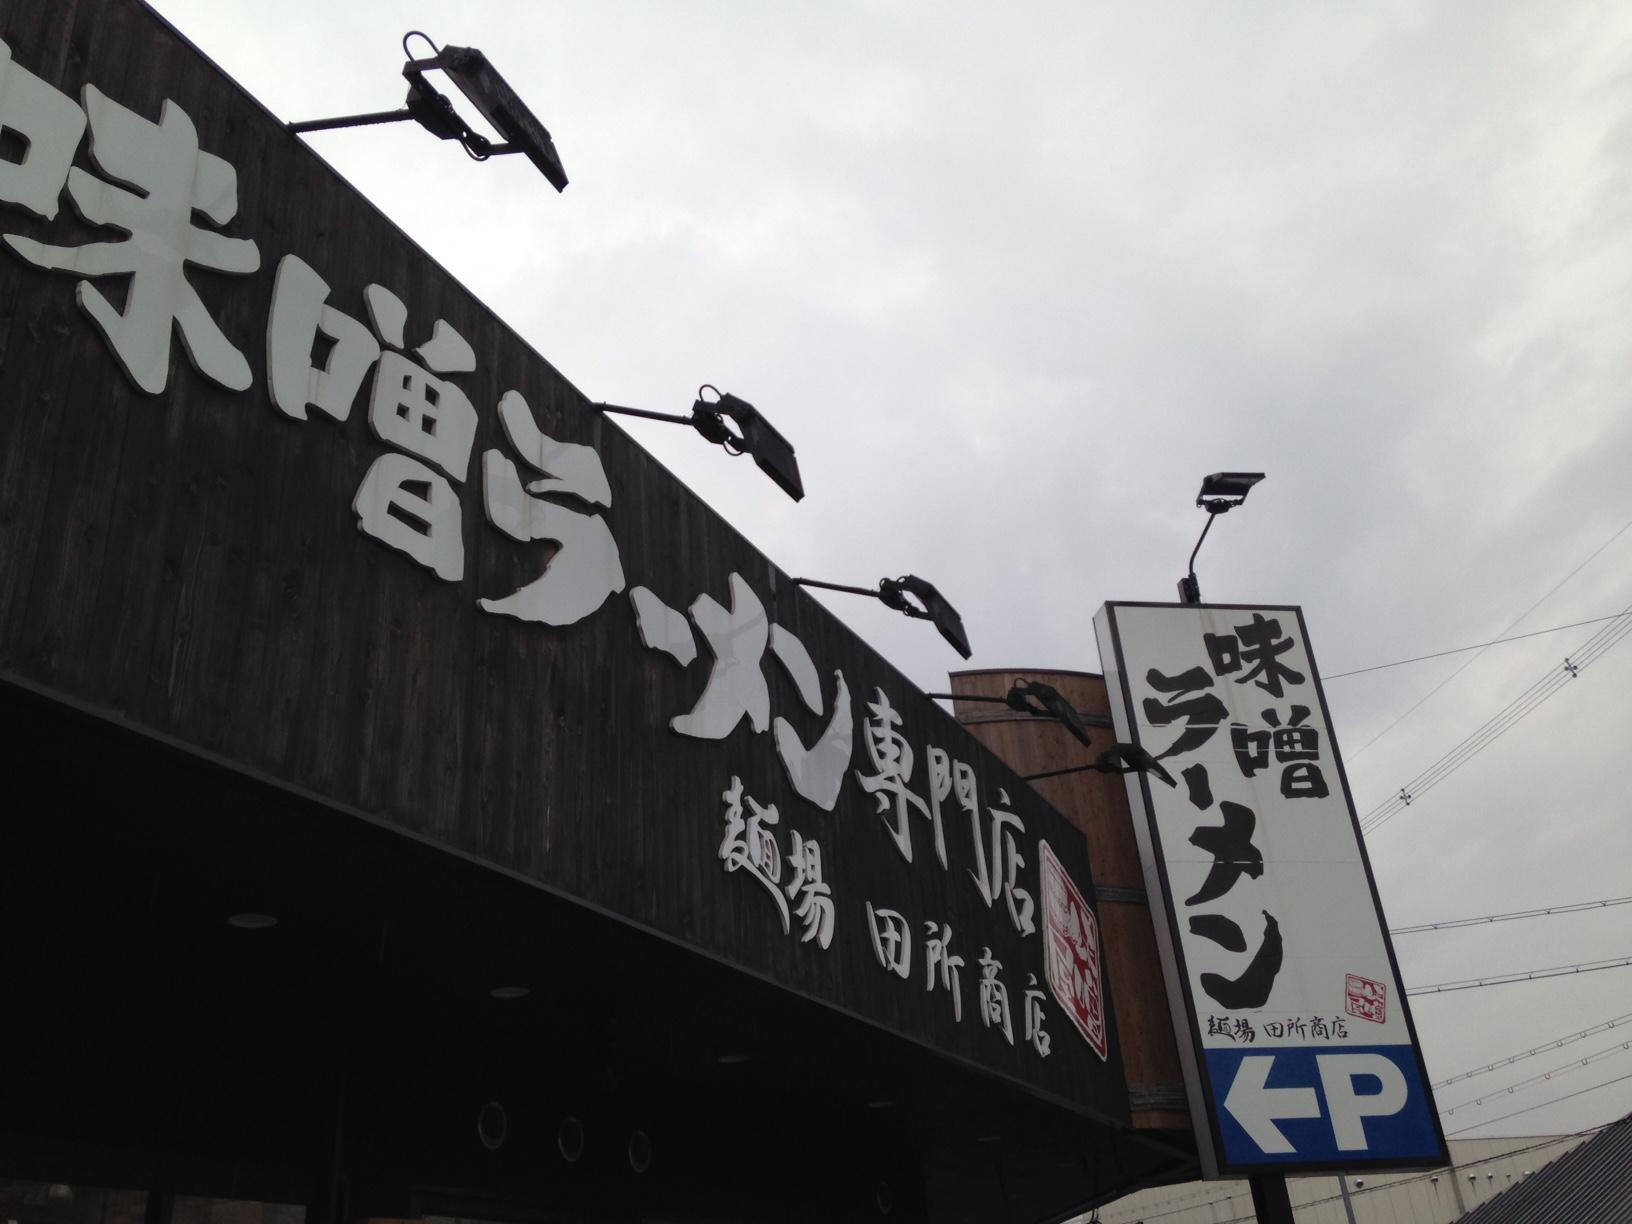 グルメ@今日の #ラーメニング 京都の有名ラーメン店の一つ、田所商店の北海道味噌炙りチャーシューラーメン